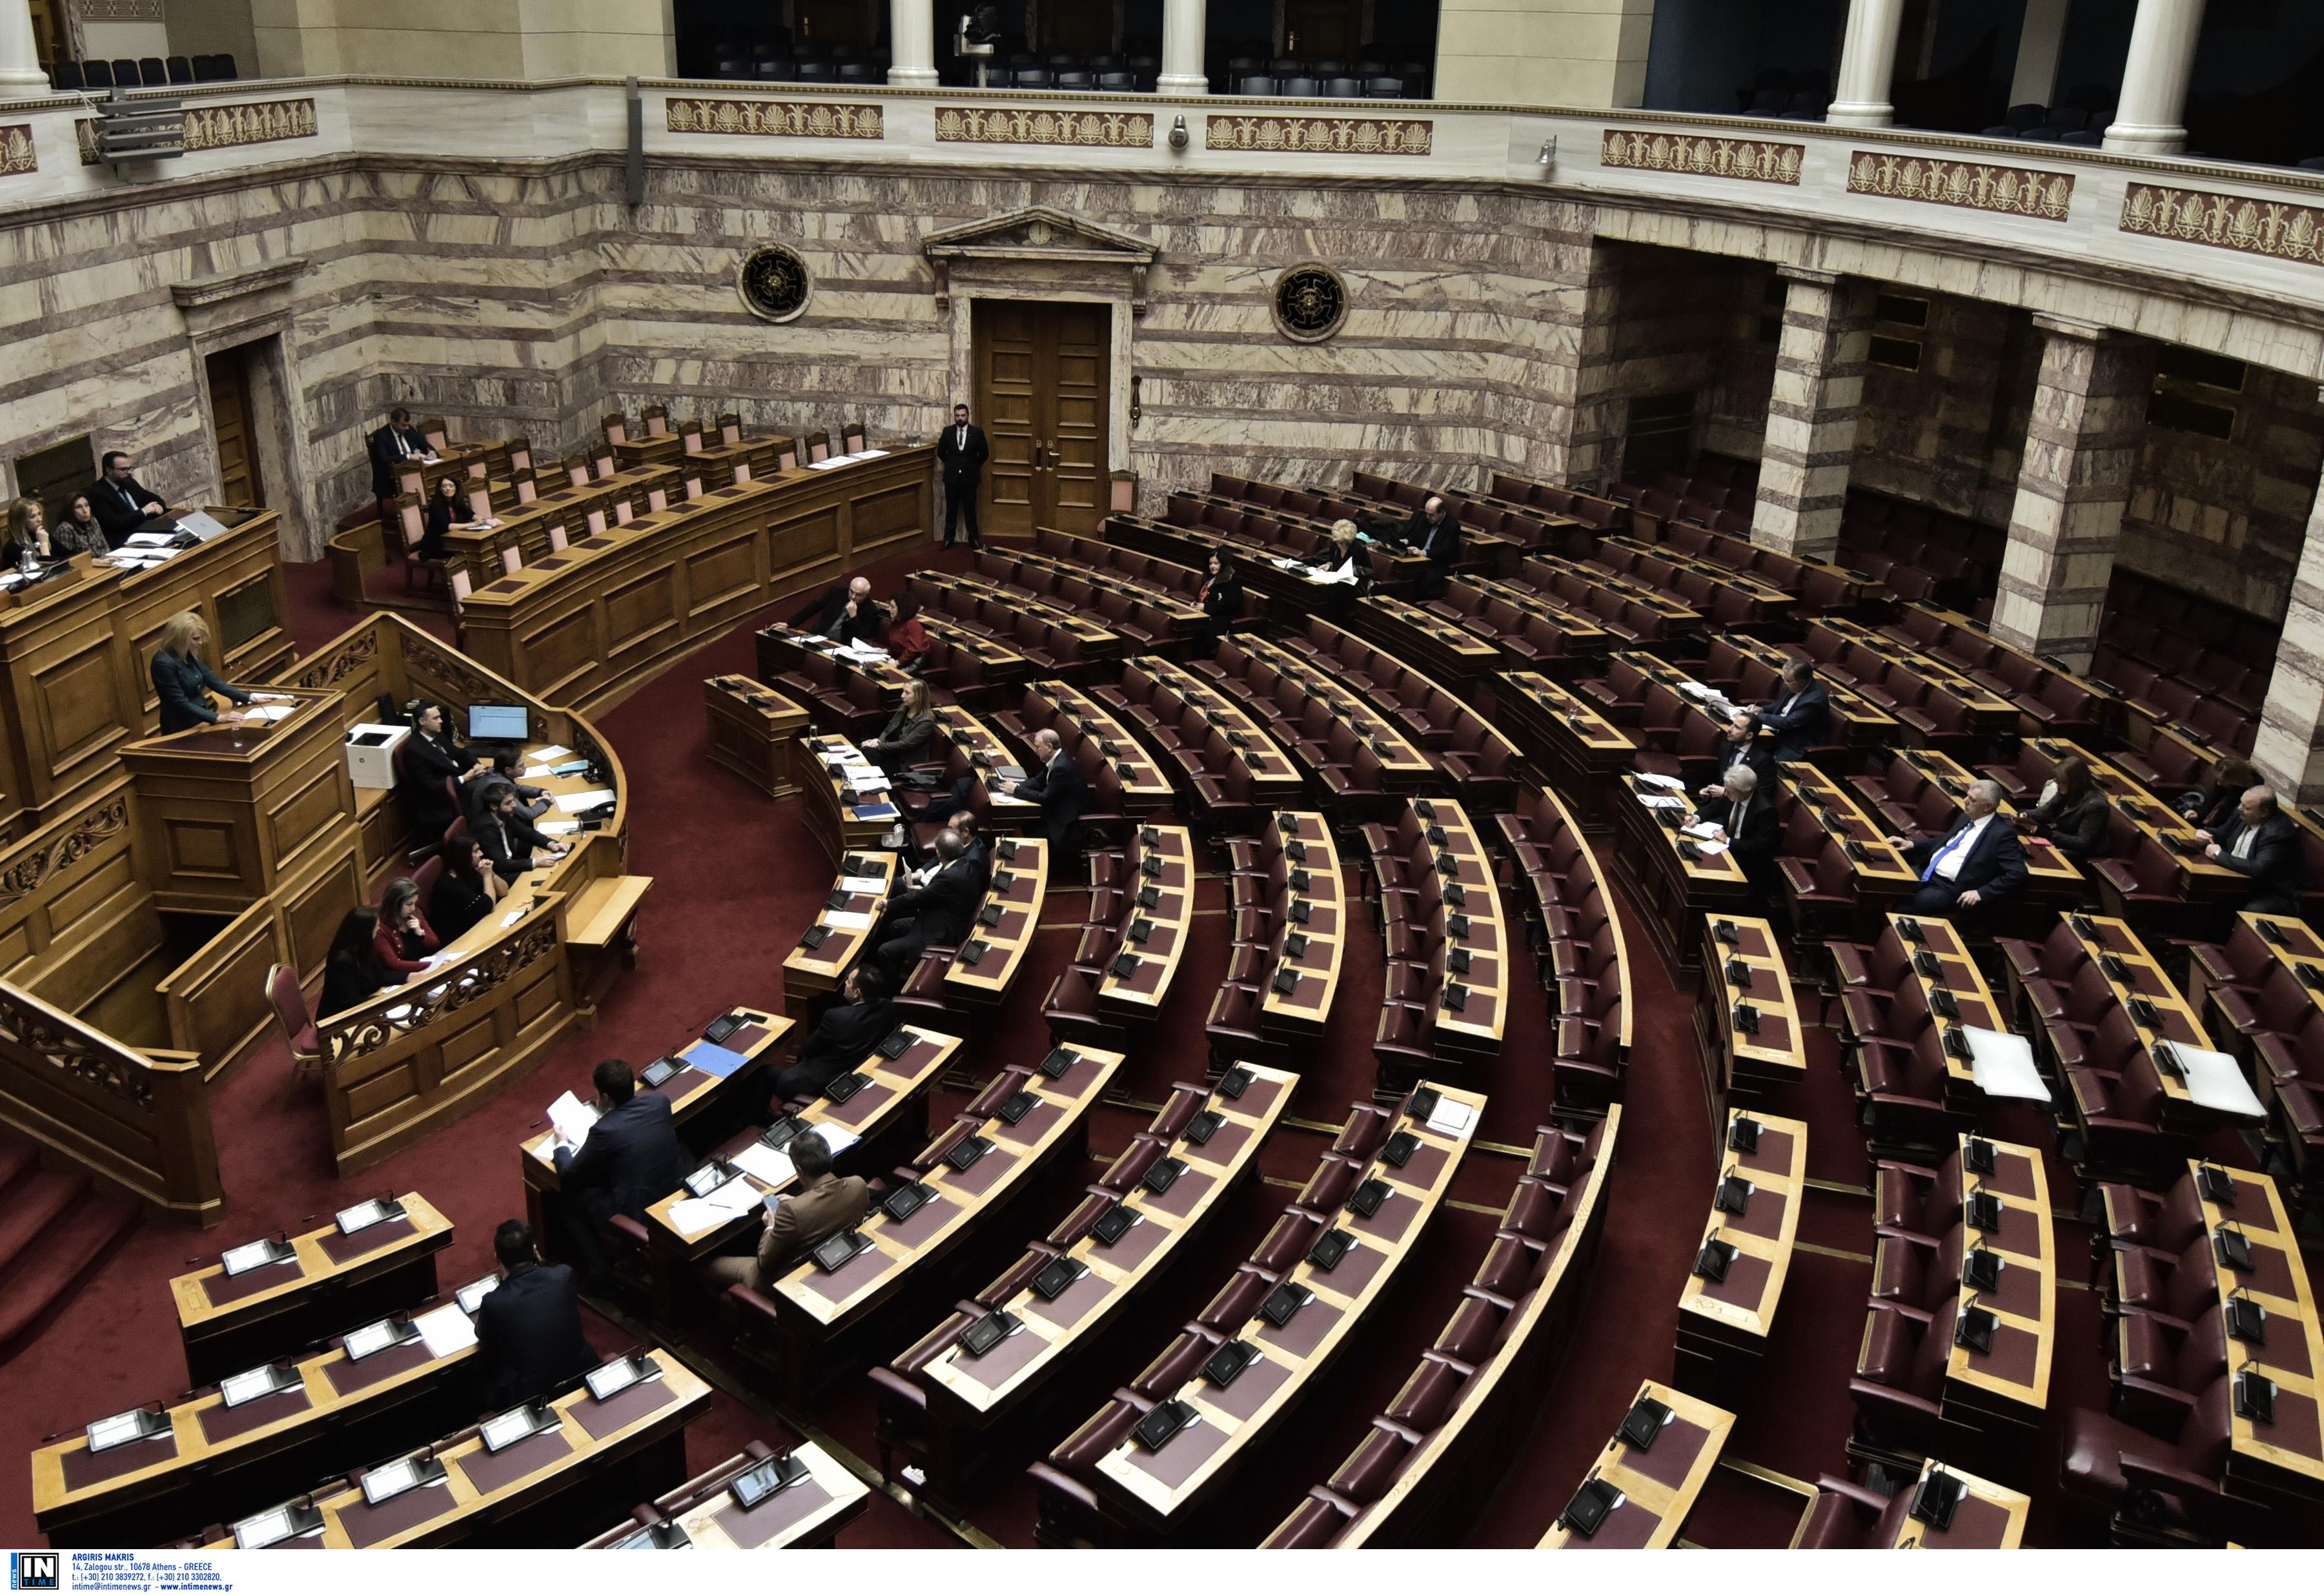 Την Πέμπτη θα συζητηθεί στην Ολομέλεια ο εκλογικός νόμος! Οι εισηγήσεις των κομμάτων